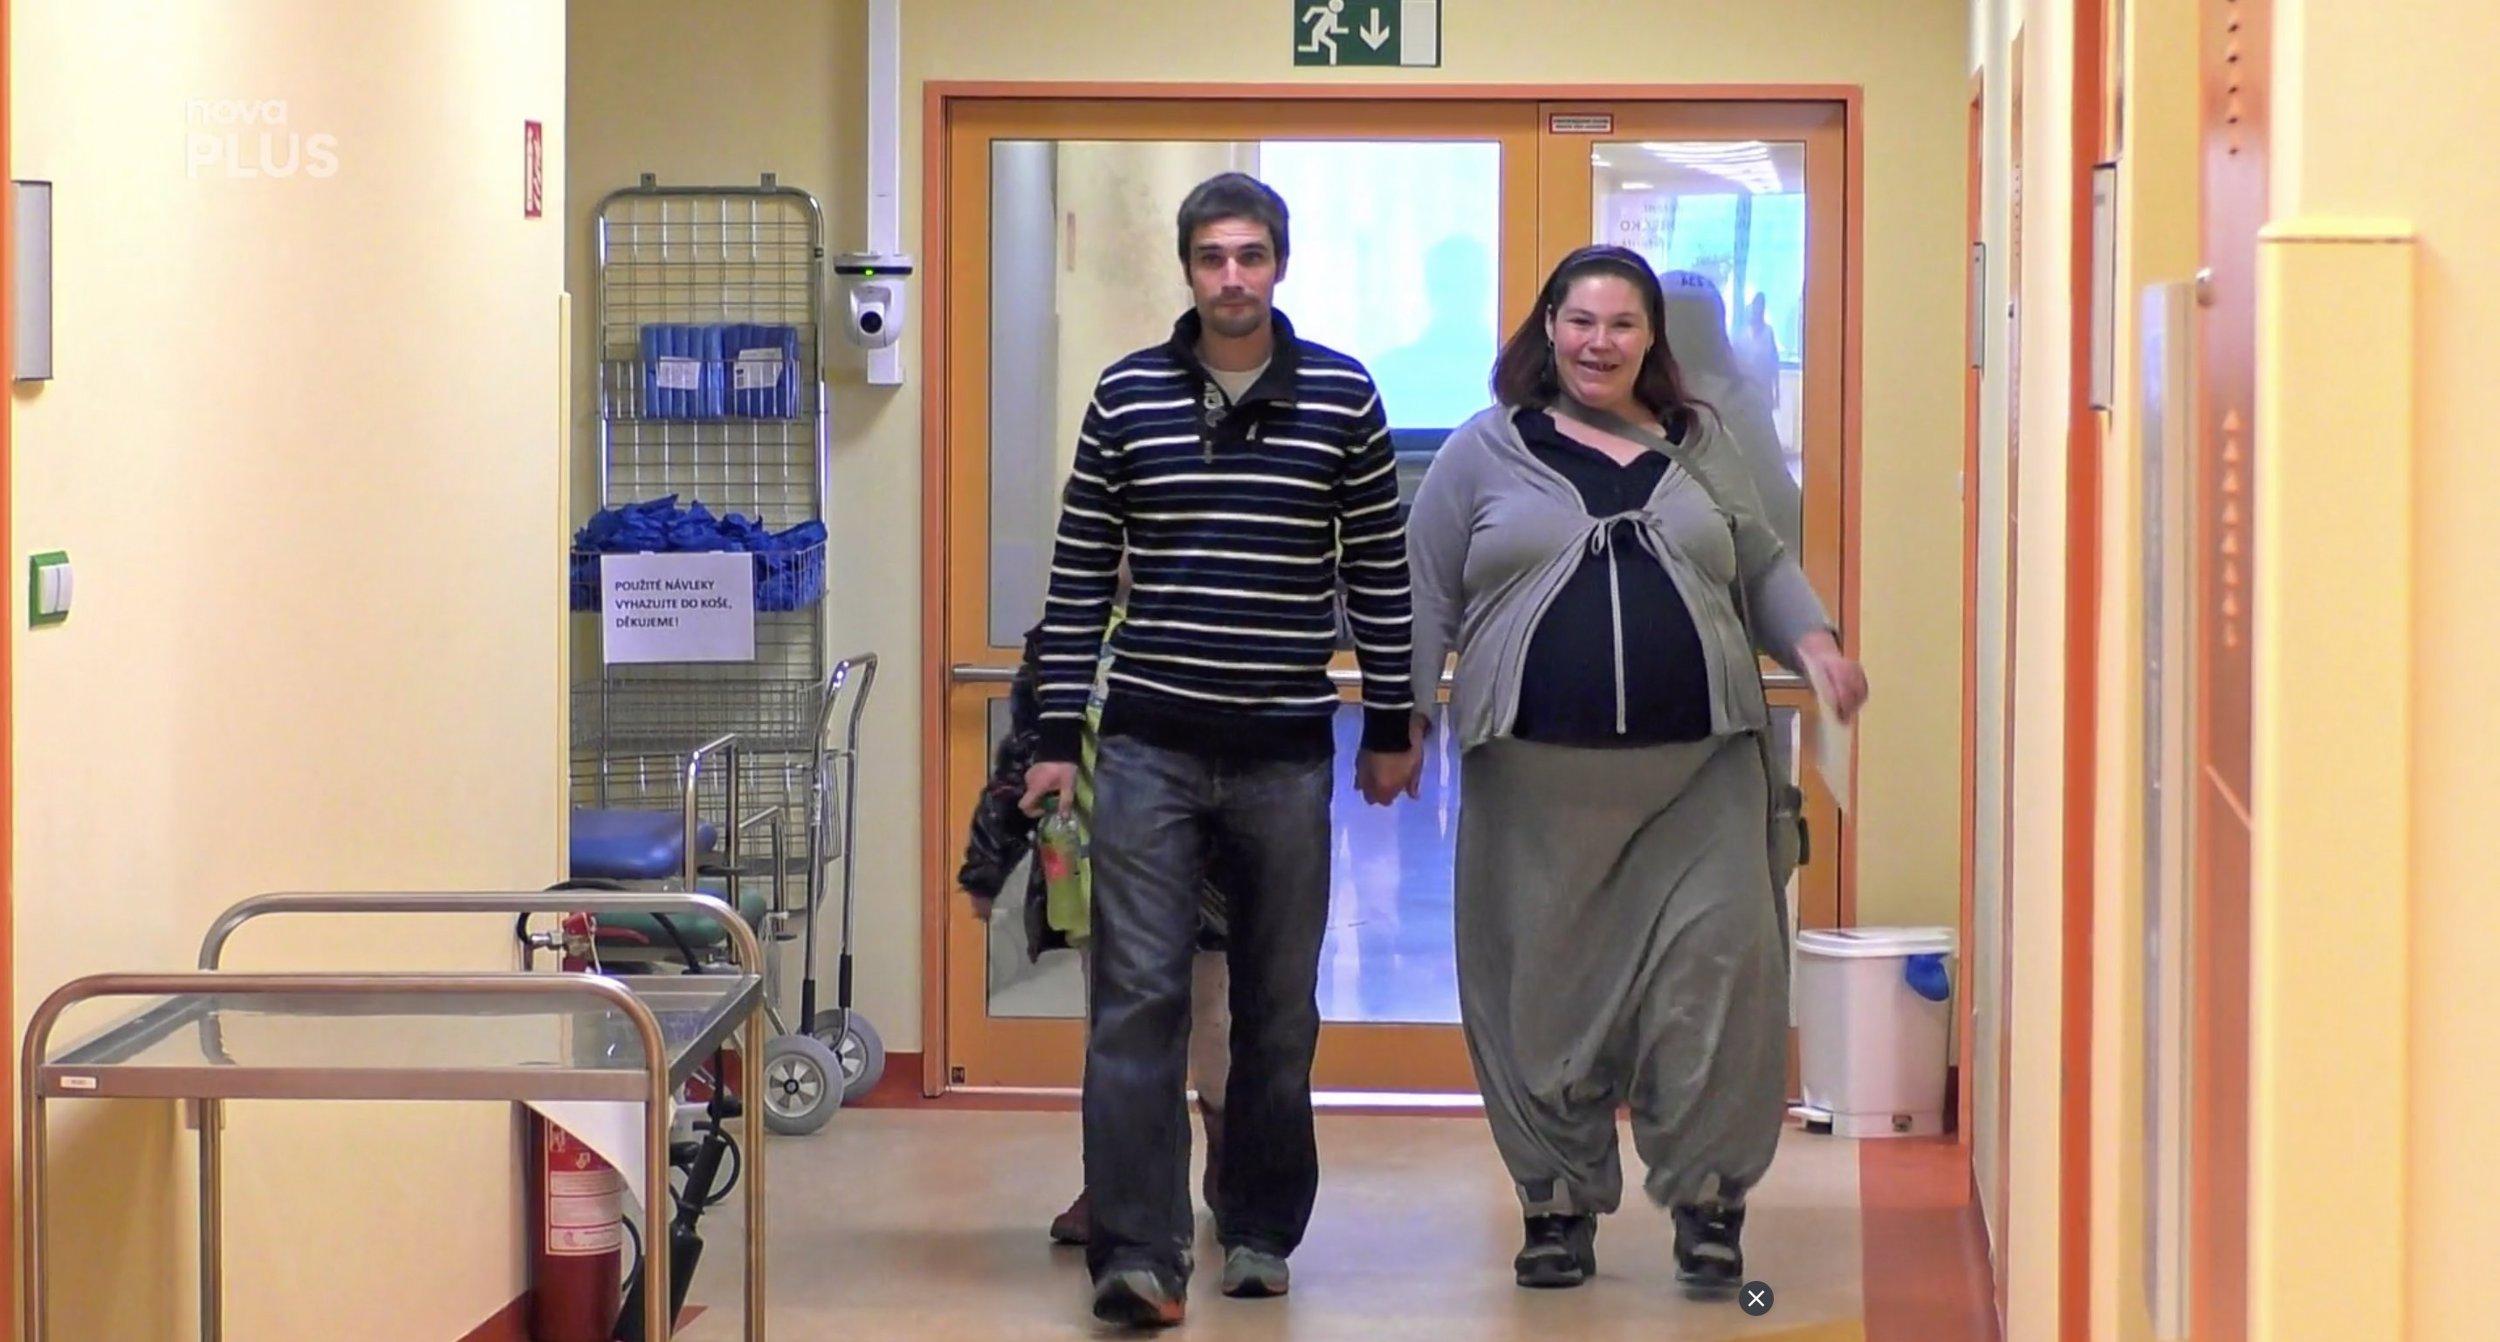 Malé lásky: Martina a Tomáš se seznámili jako bezdomovci, teď je z nich pětičlenná rodina